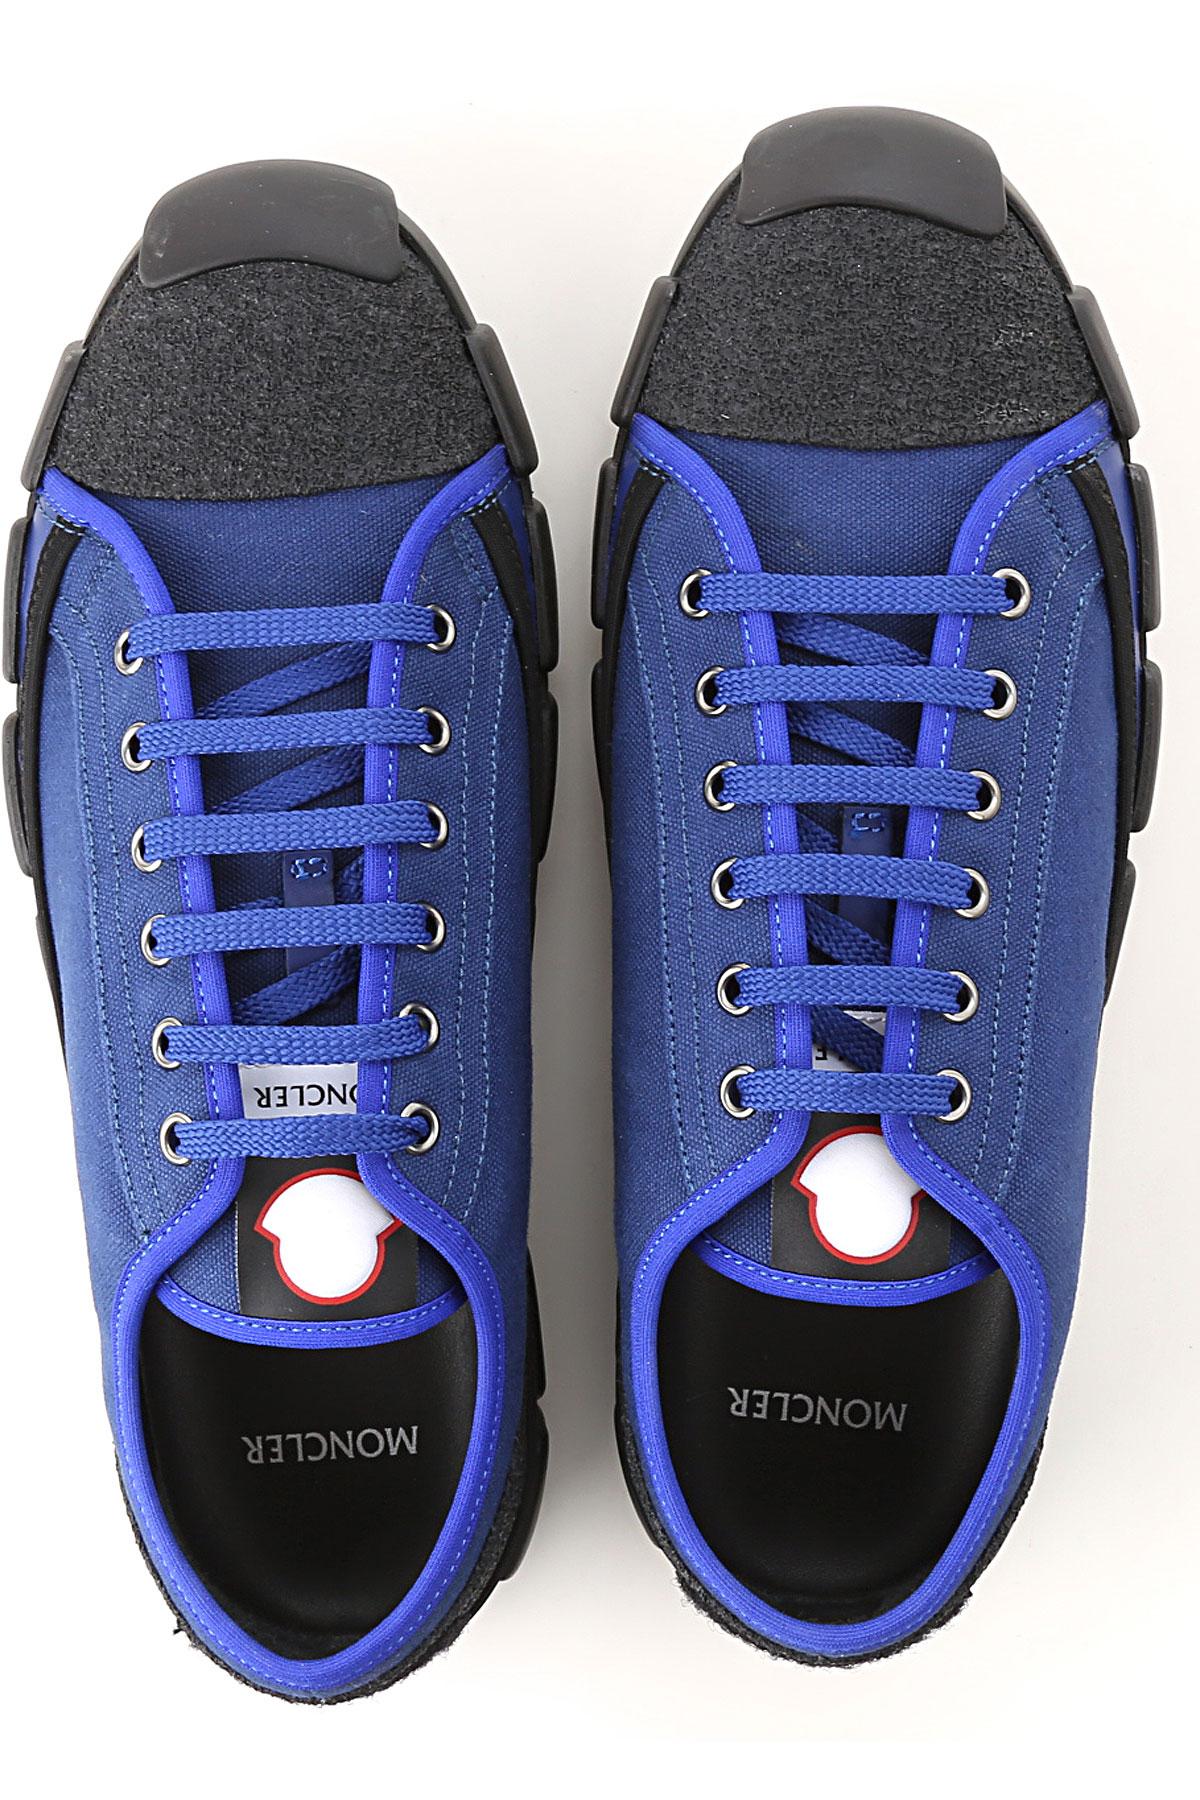 Bluette Negro verano Primavera Hombres Para Moncler Zapatos 2019 HxwpYZnzqS